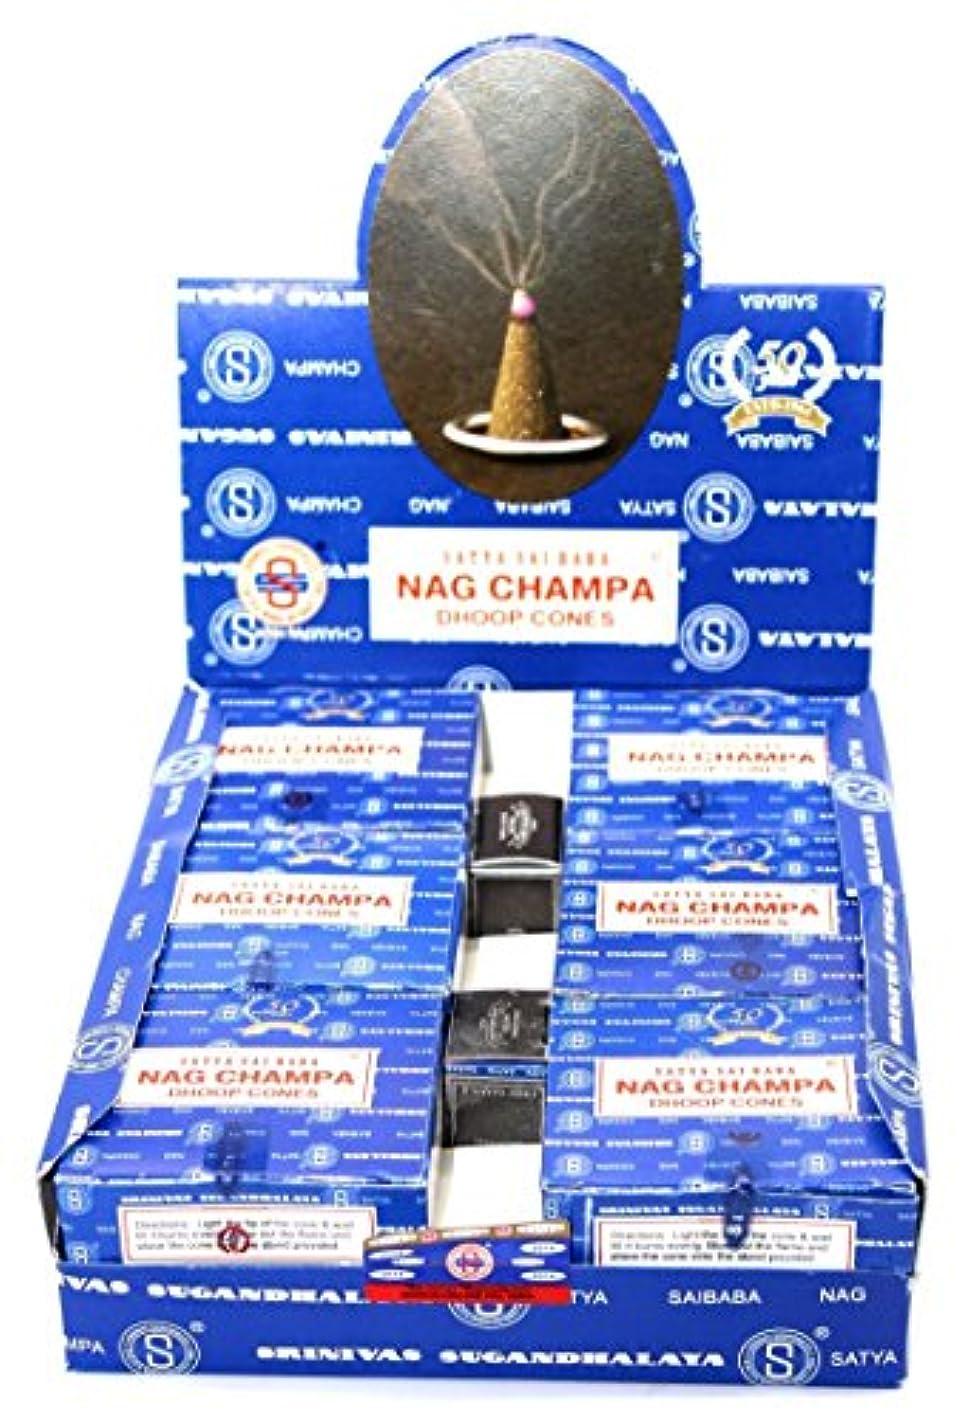 パトワルールパキスタン人Nag Champa Satya Sai Baba Temple Incense Cones Carton, 12 Box by Nag Champa [並行輸入品]